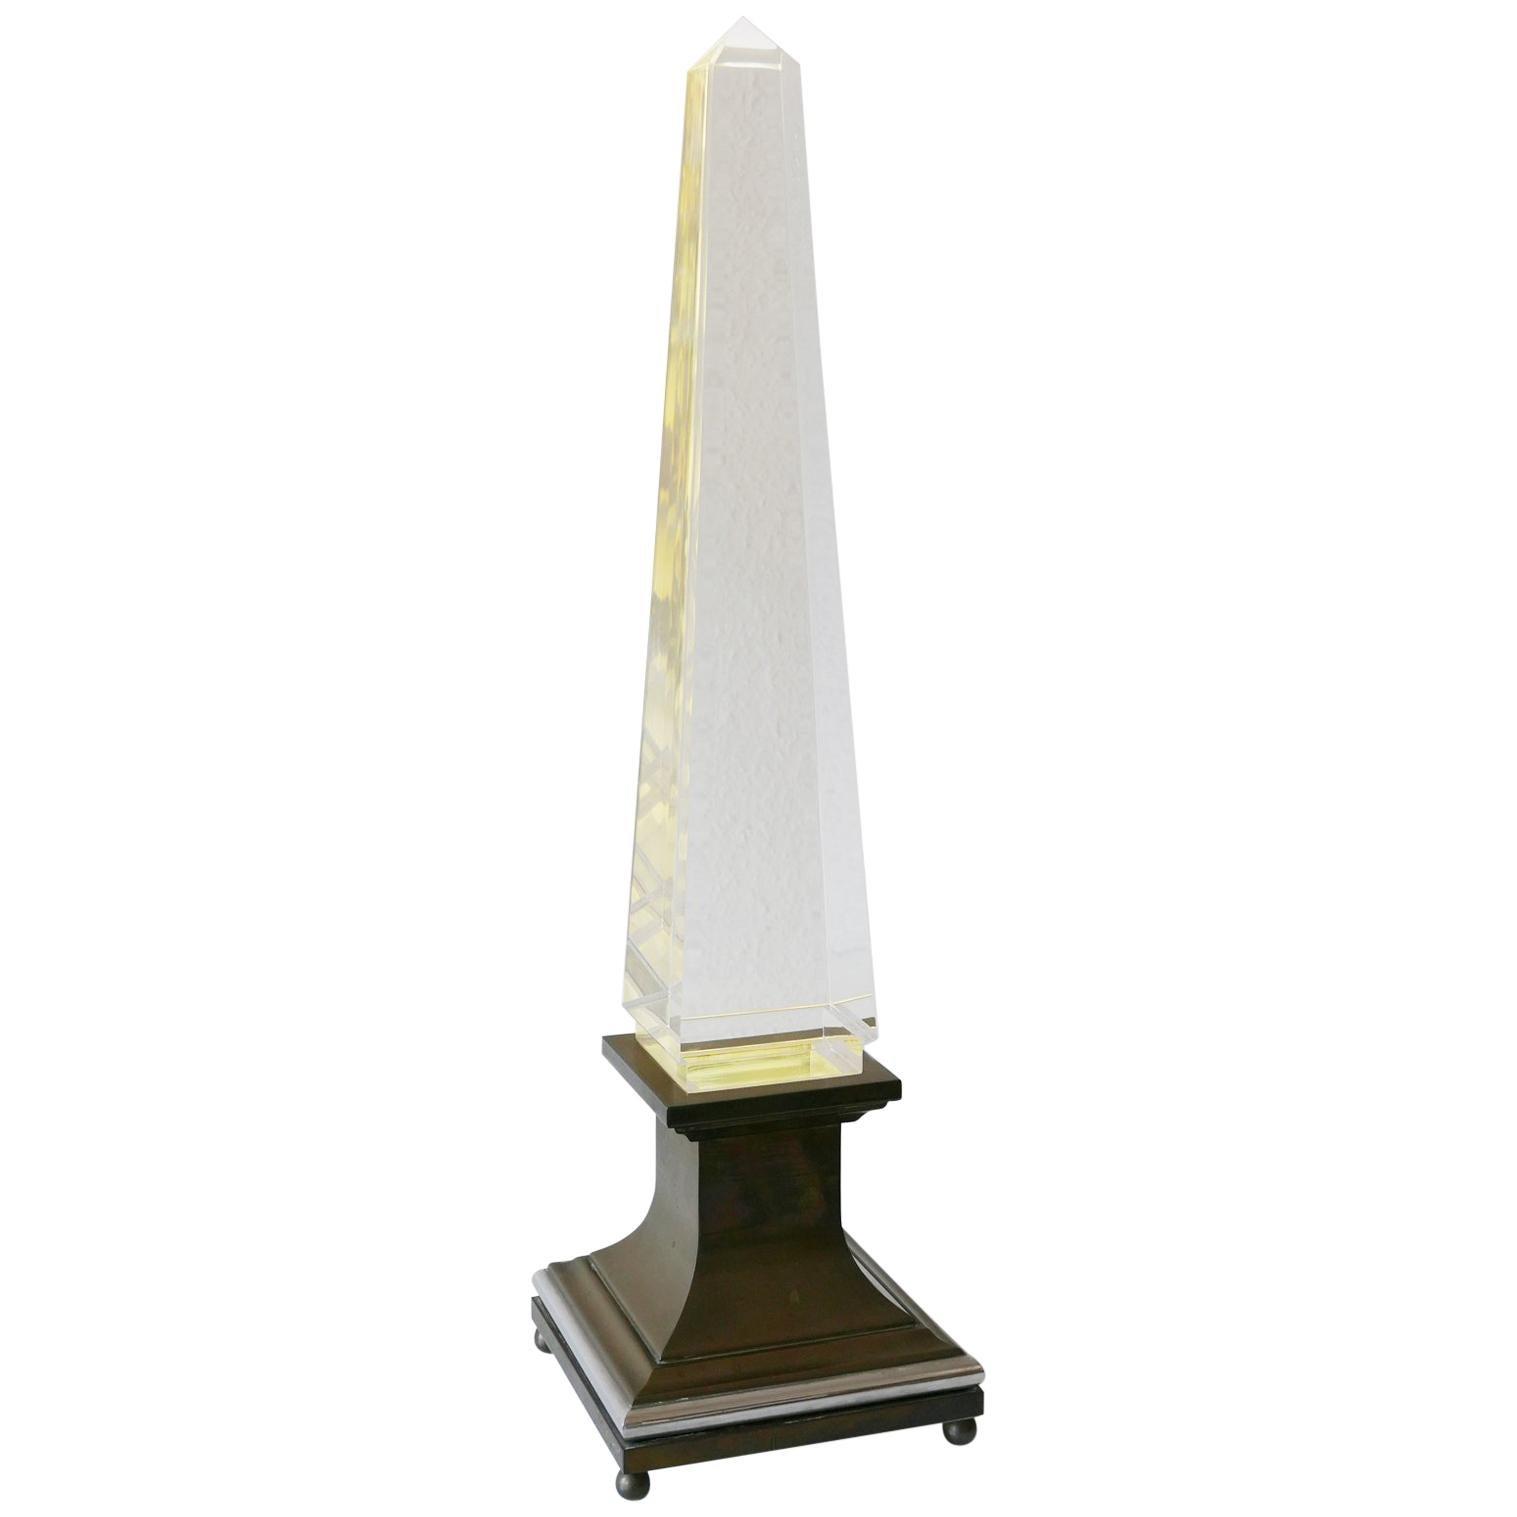 Lucite Obelisk Table Lamp by Sandro Petti for Maison Jansen, France, 1970s